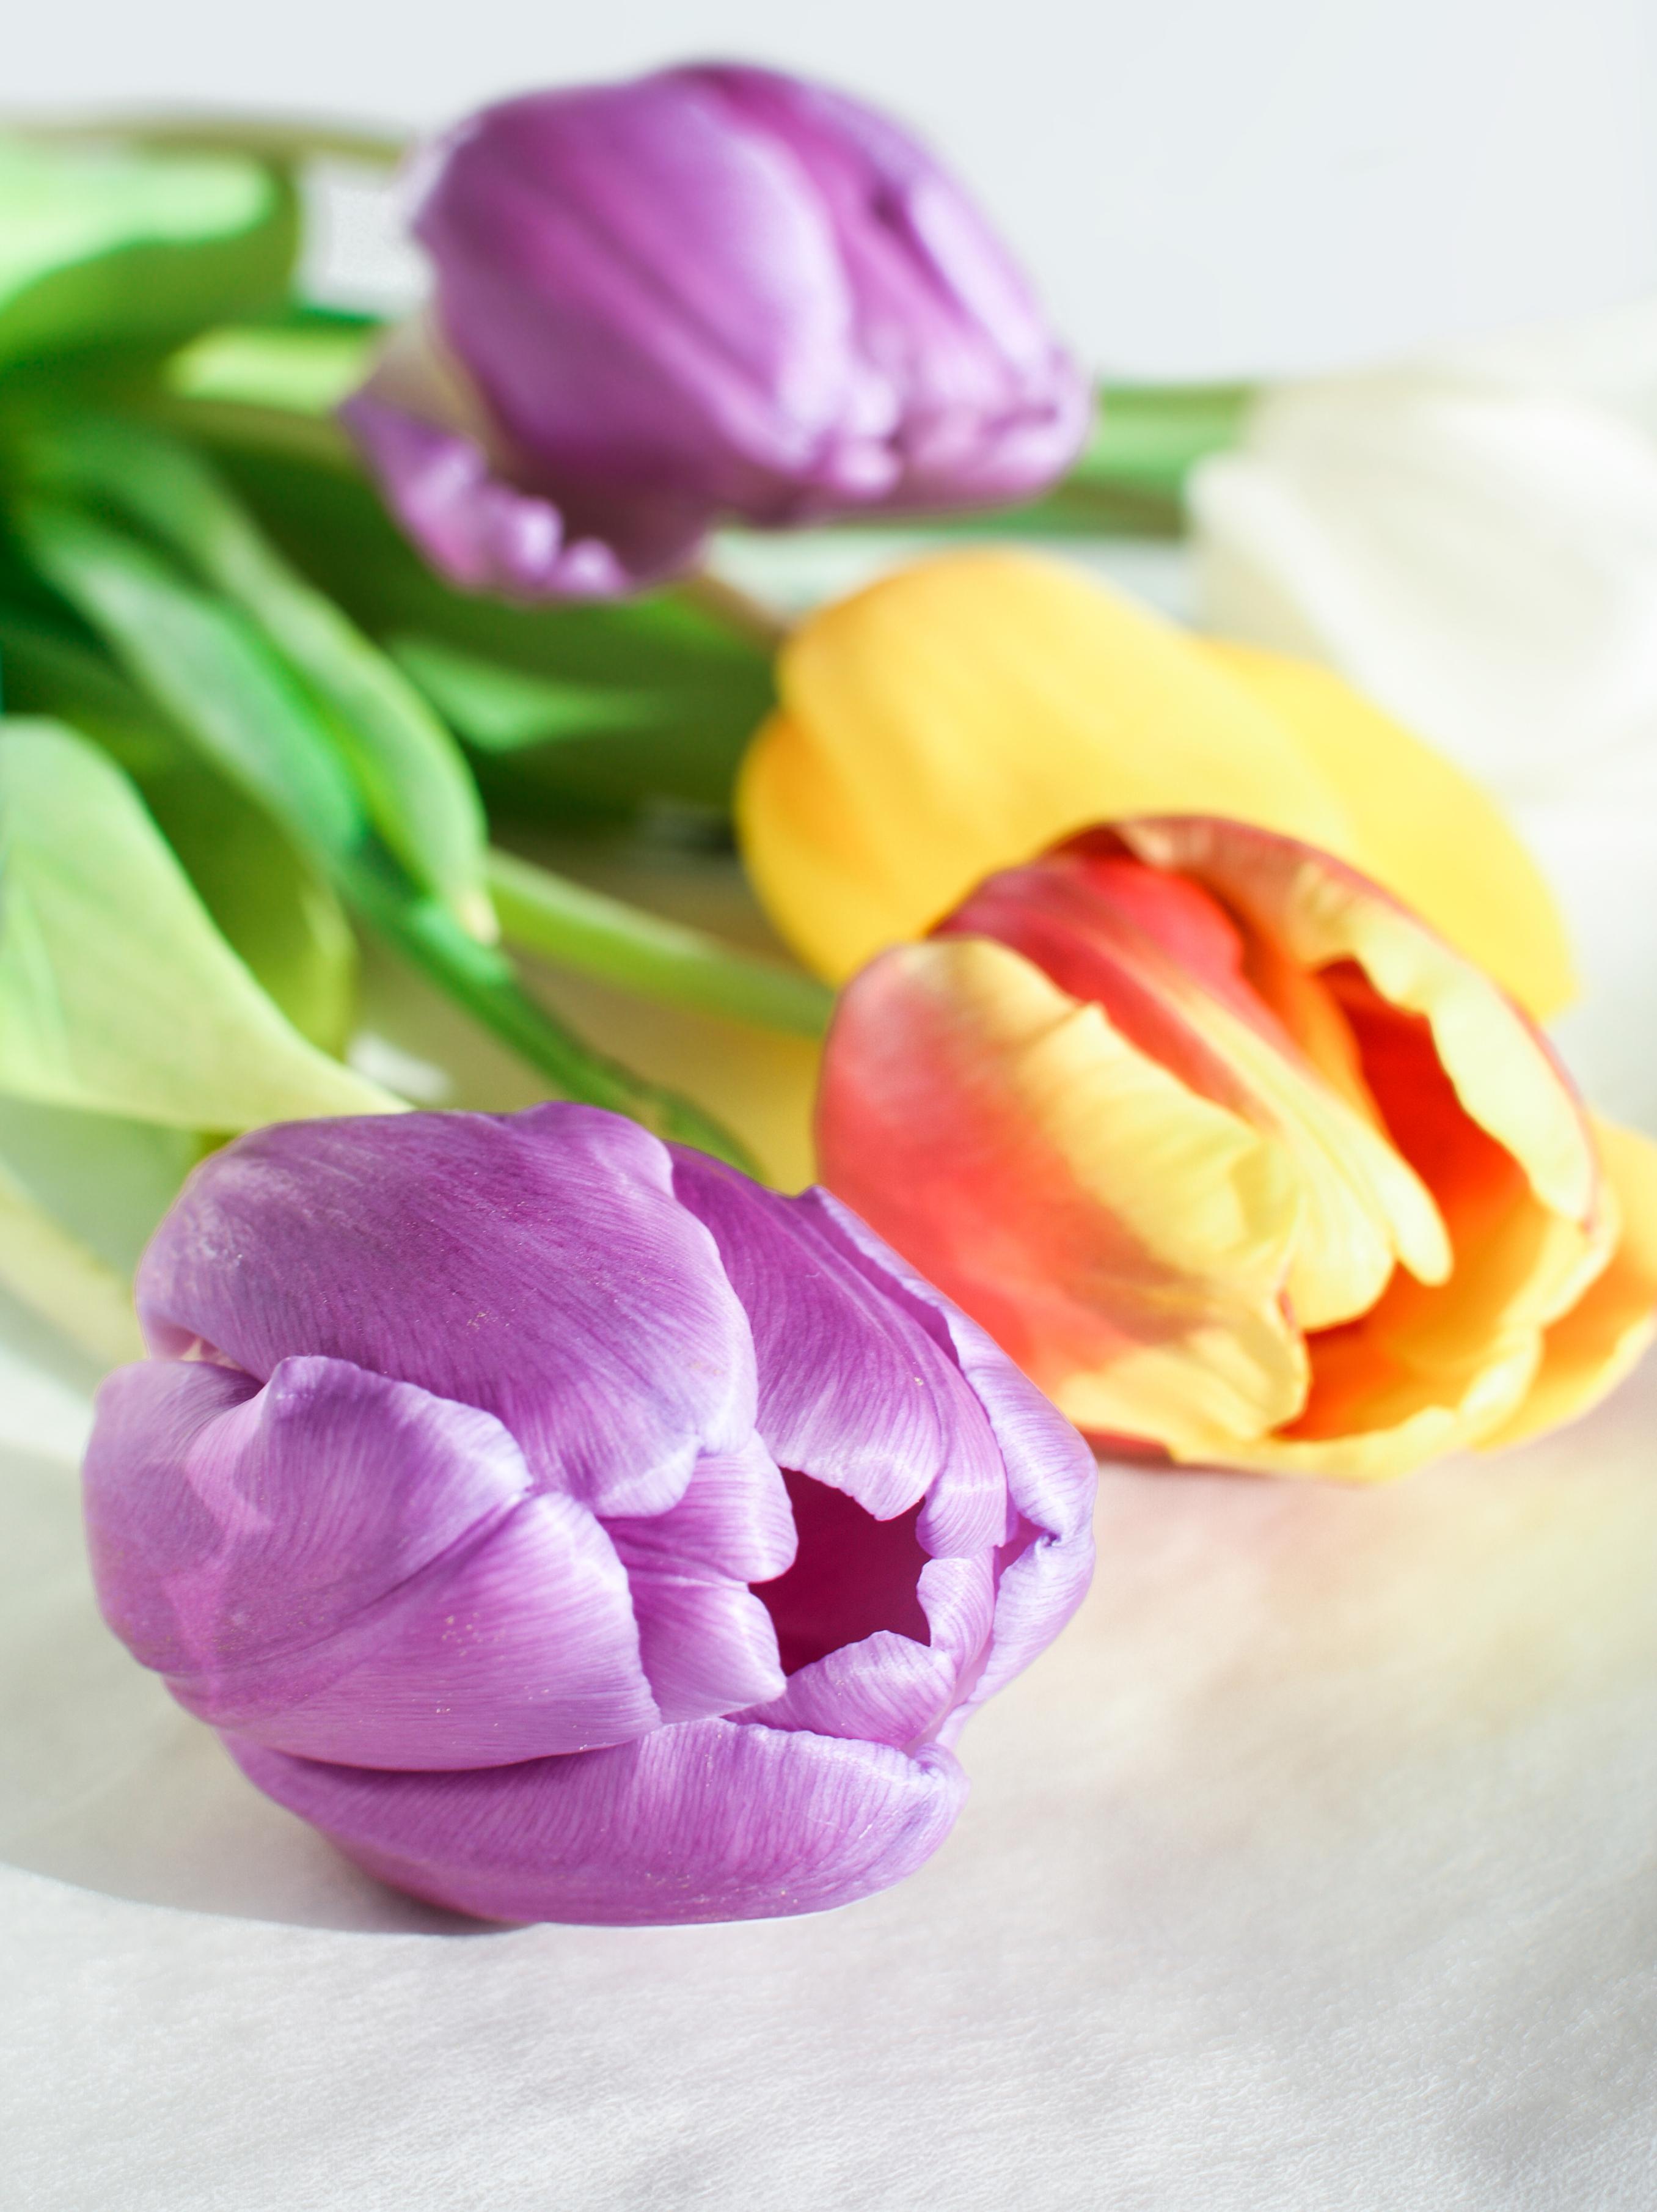 tulip-photo-49